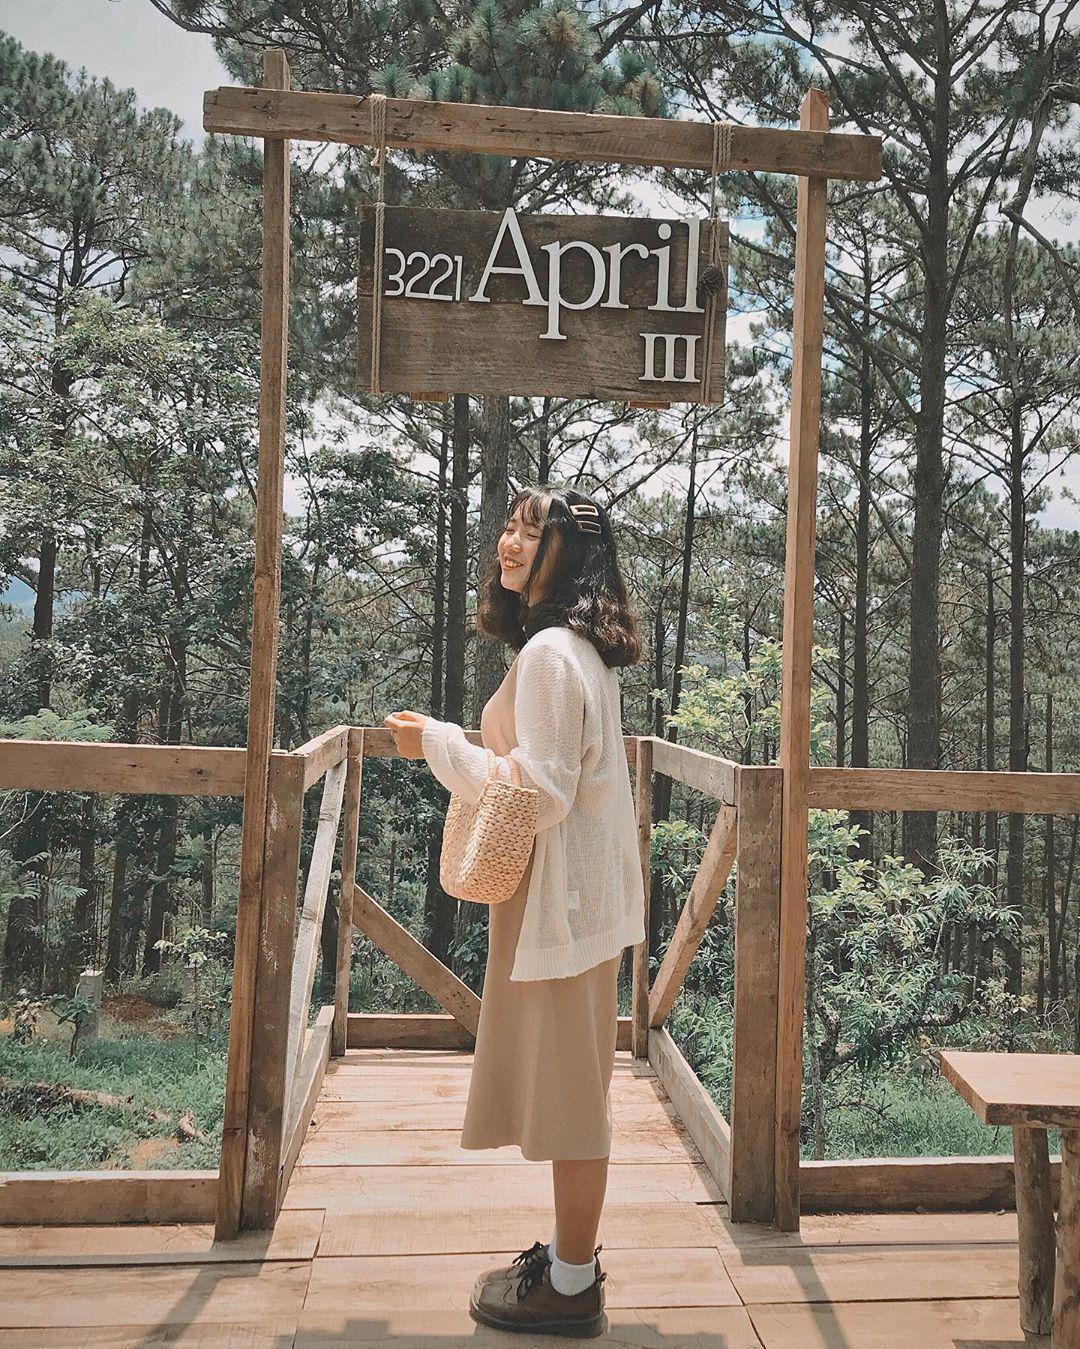 Dọc miền đất nước khám phá cảnh đẹp Ninh Bình, Huế, Đà Lạt Ảnh 15